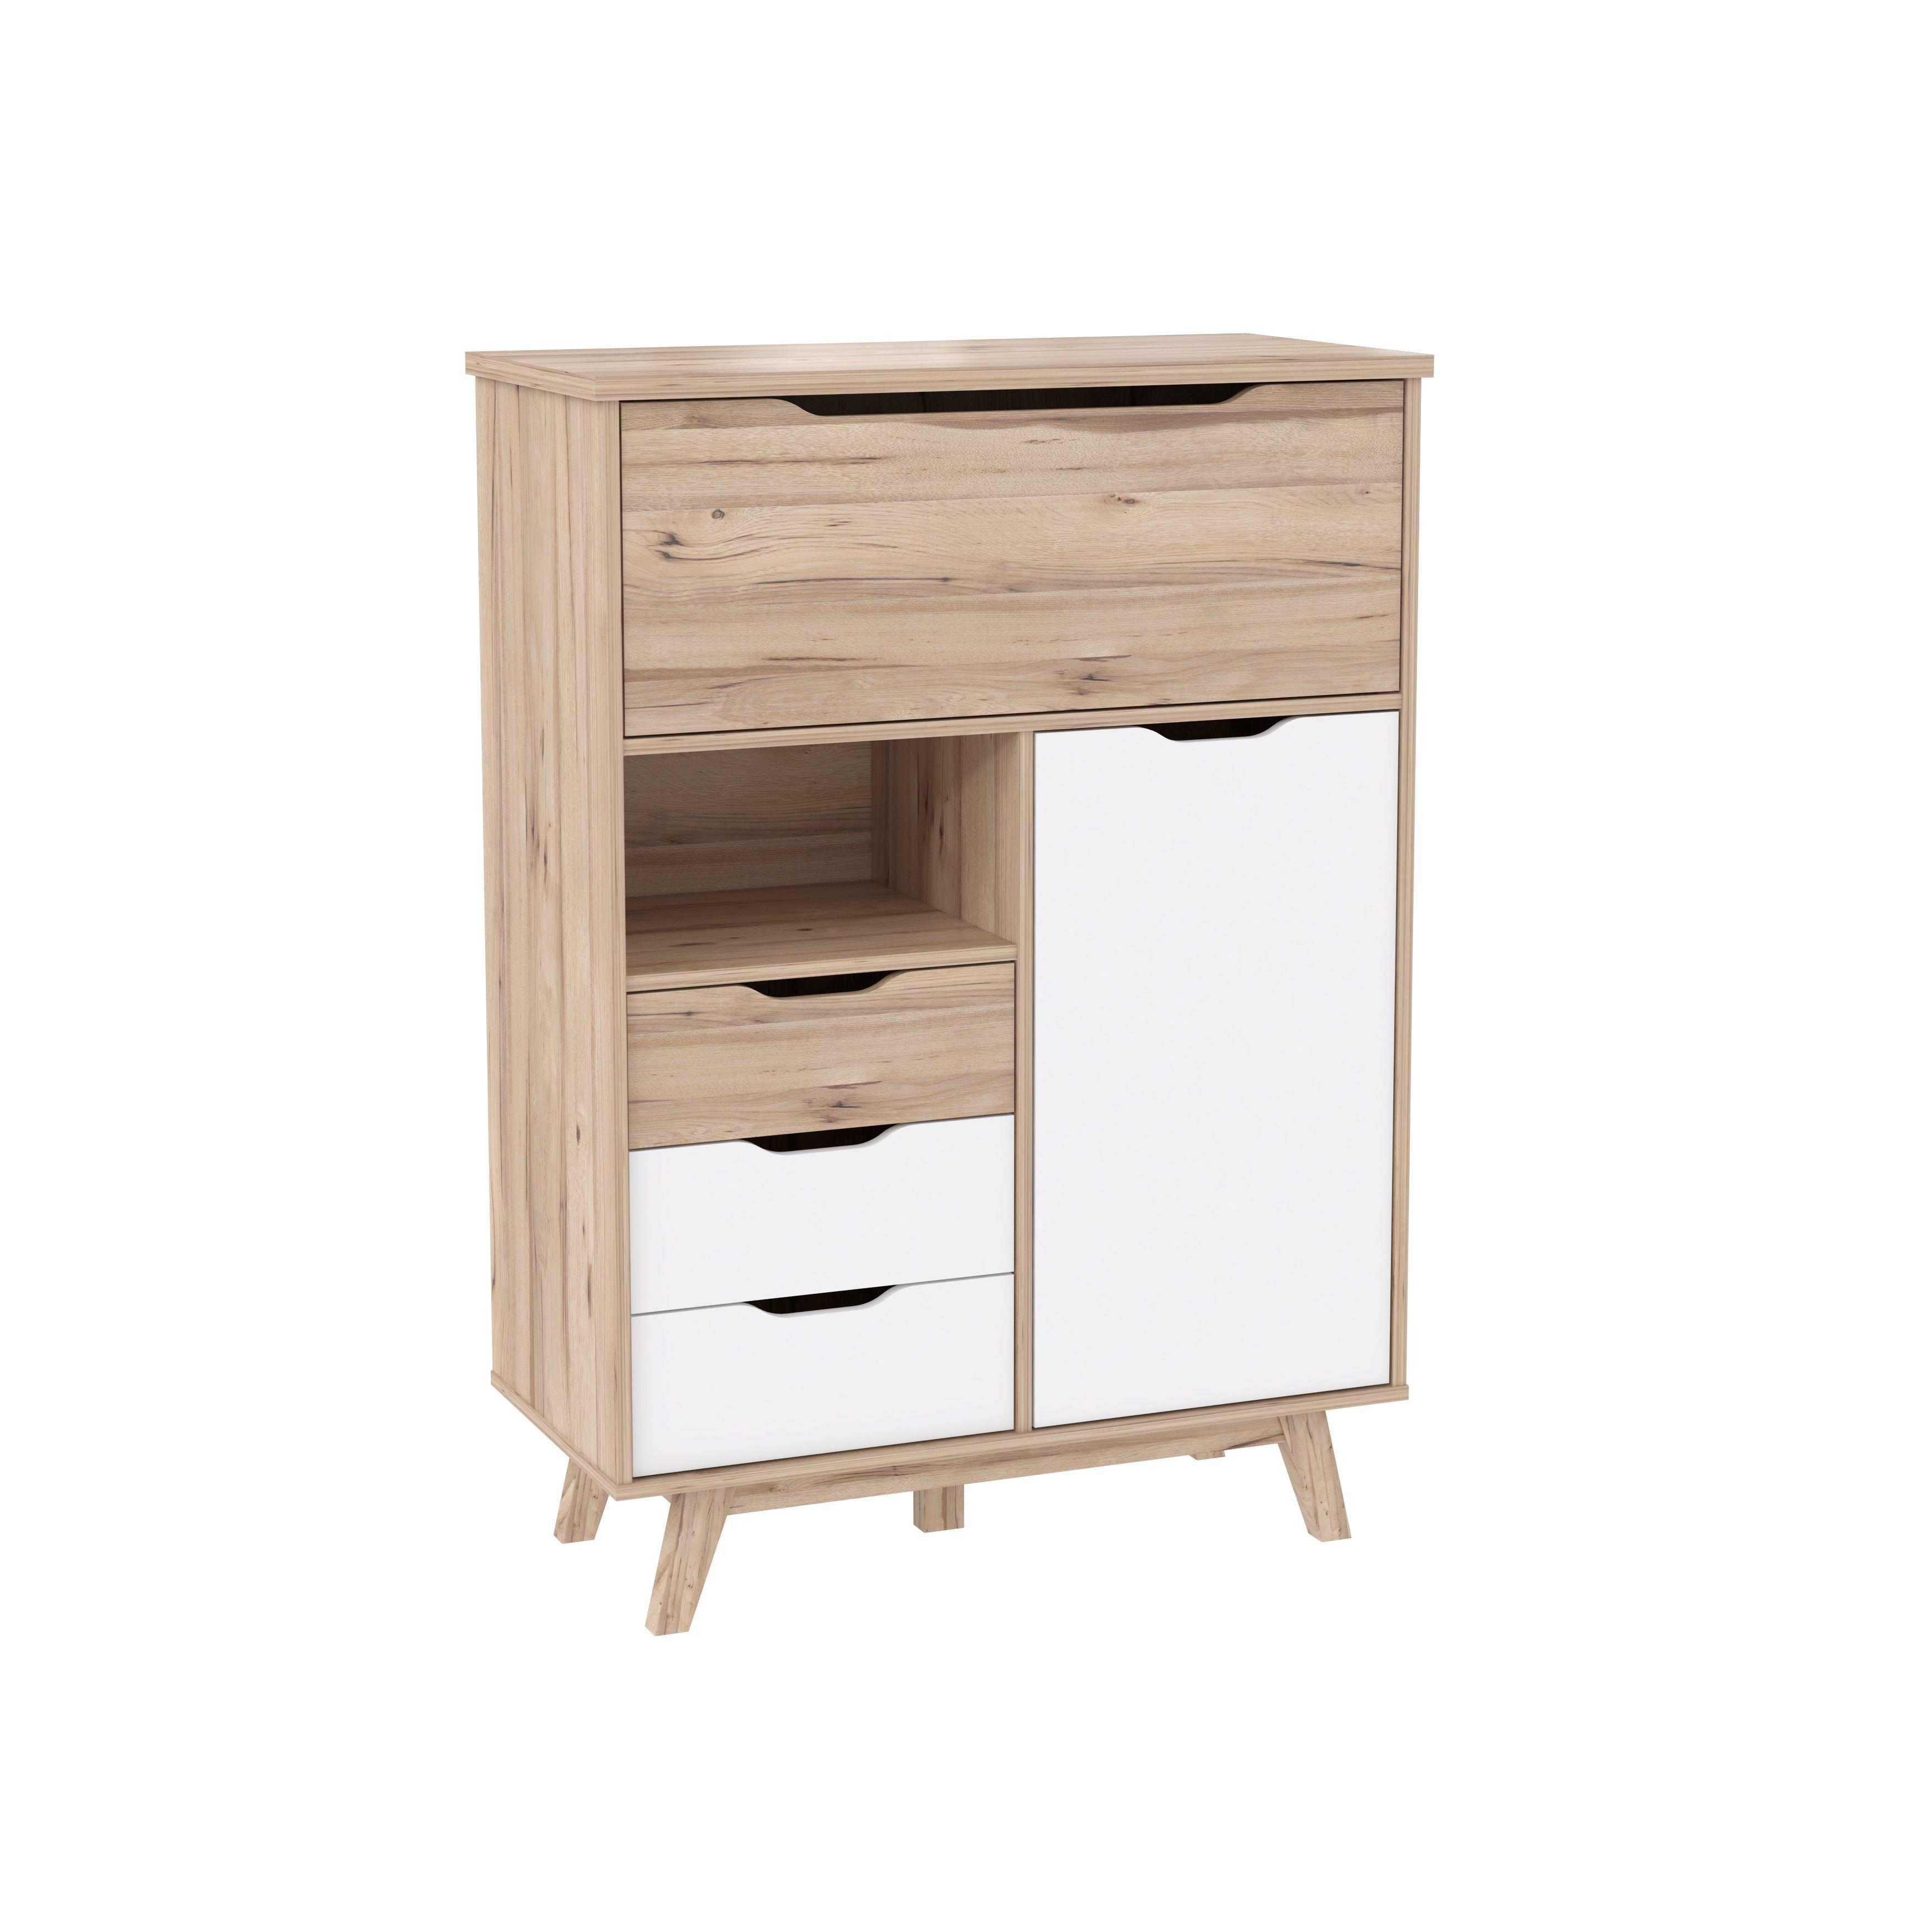 Buffet Haut 1 Porte 3 Tiroirs Kopenhagen Chene Blanc But Scandinave Bois Deco Mobilier De Salon Meubles But Buffet Haut